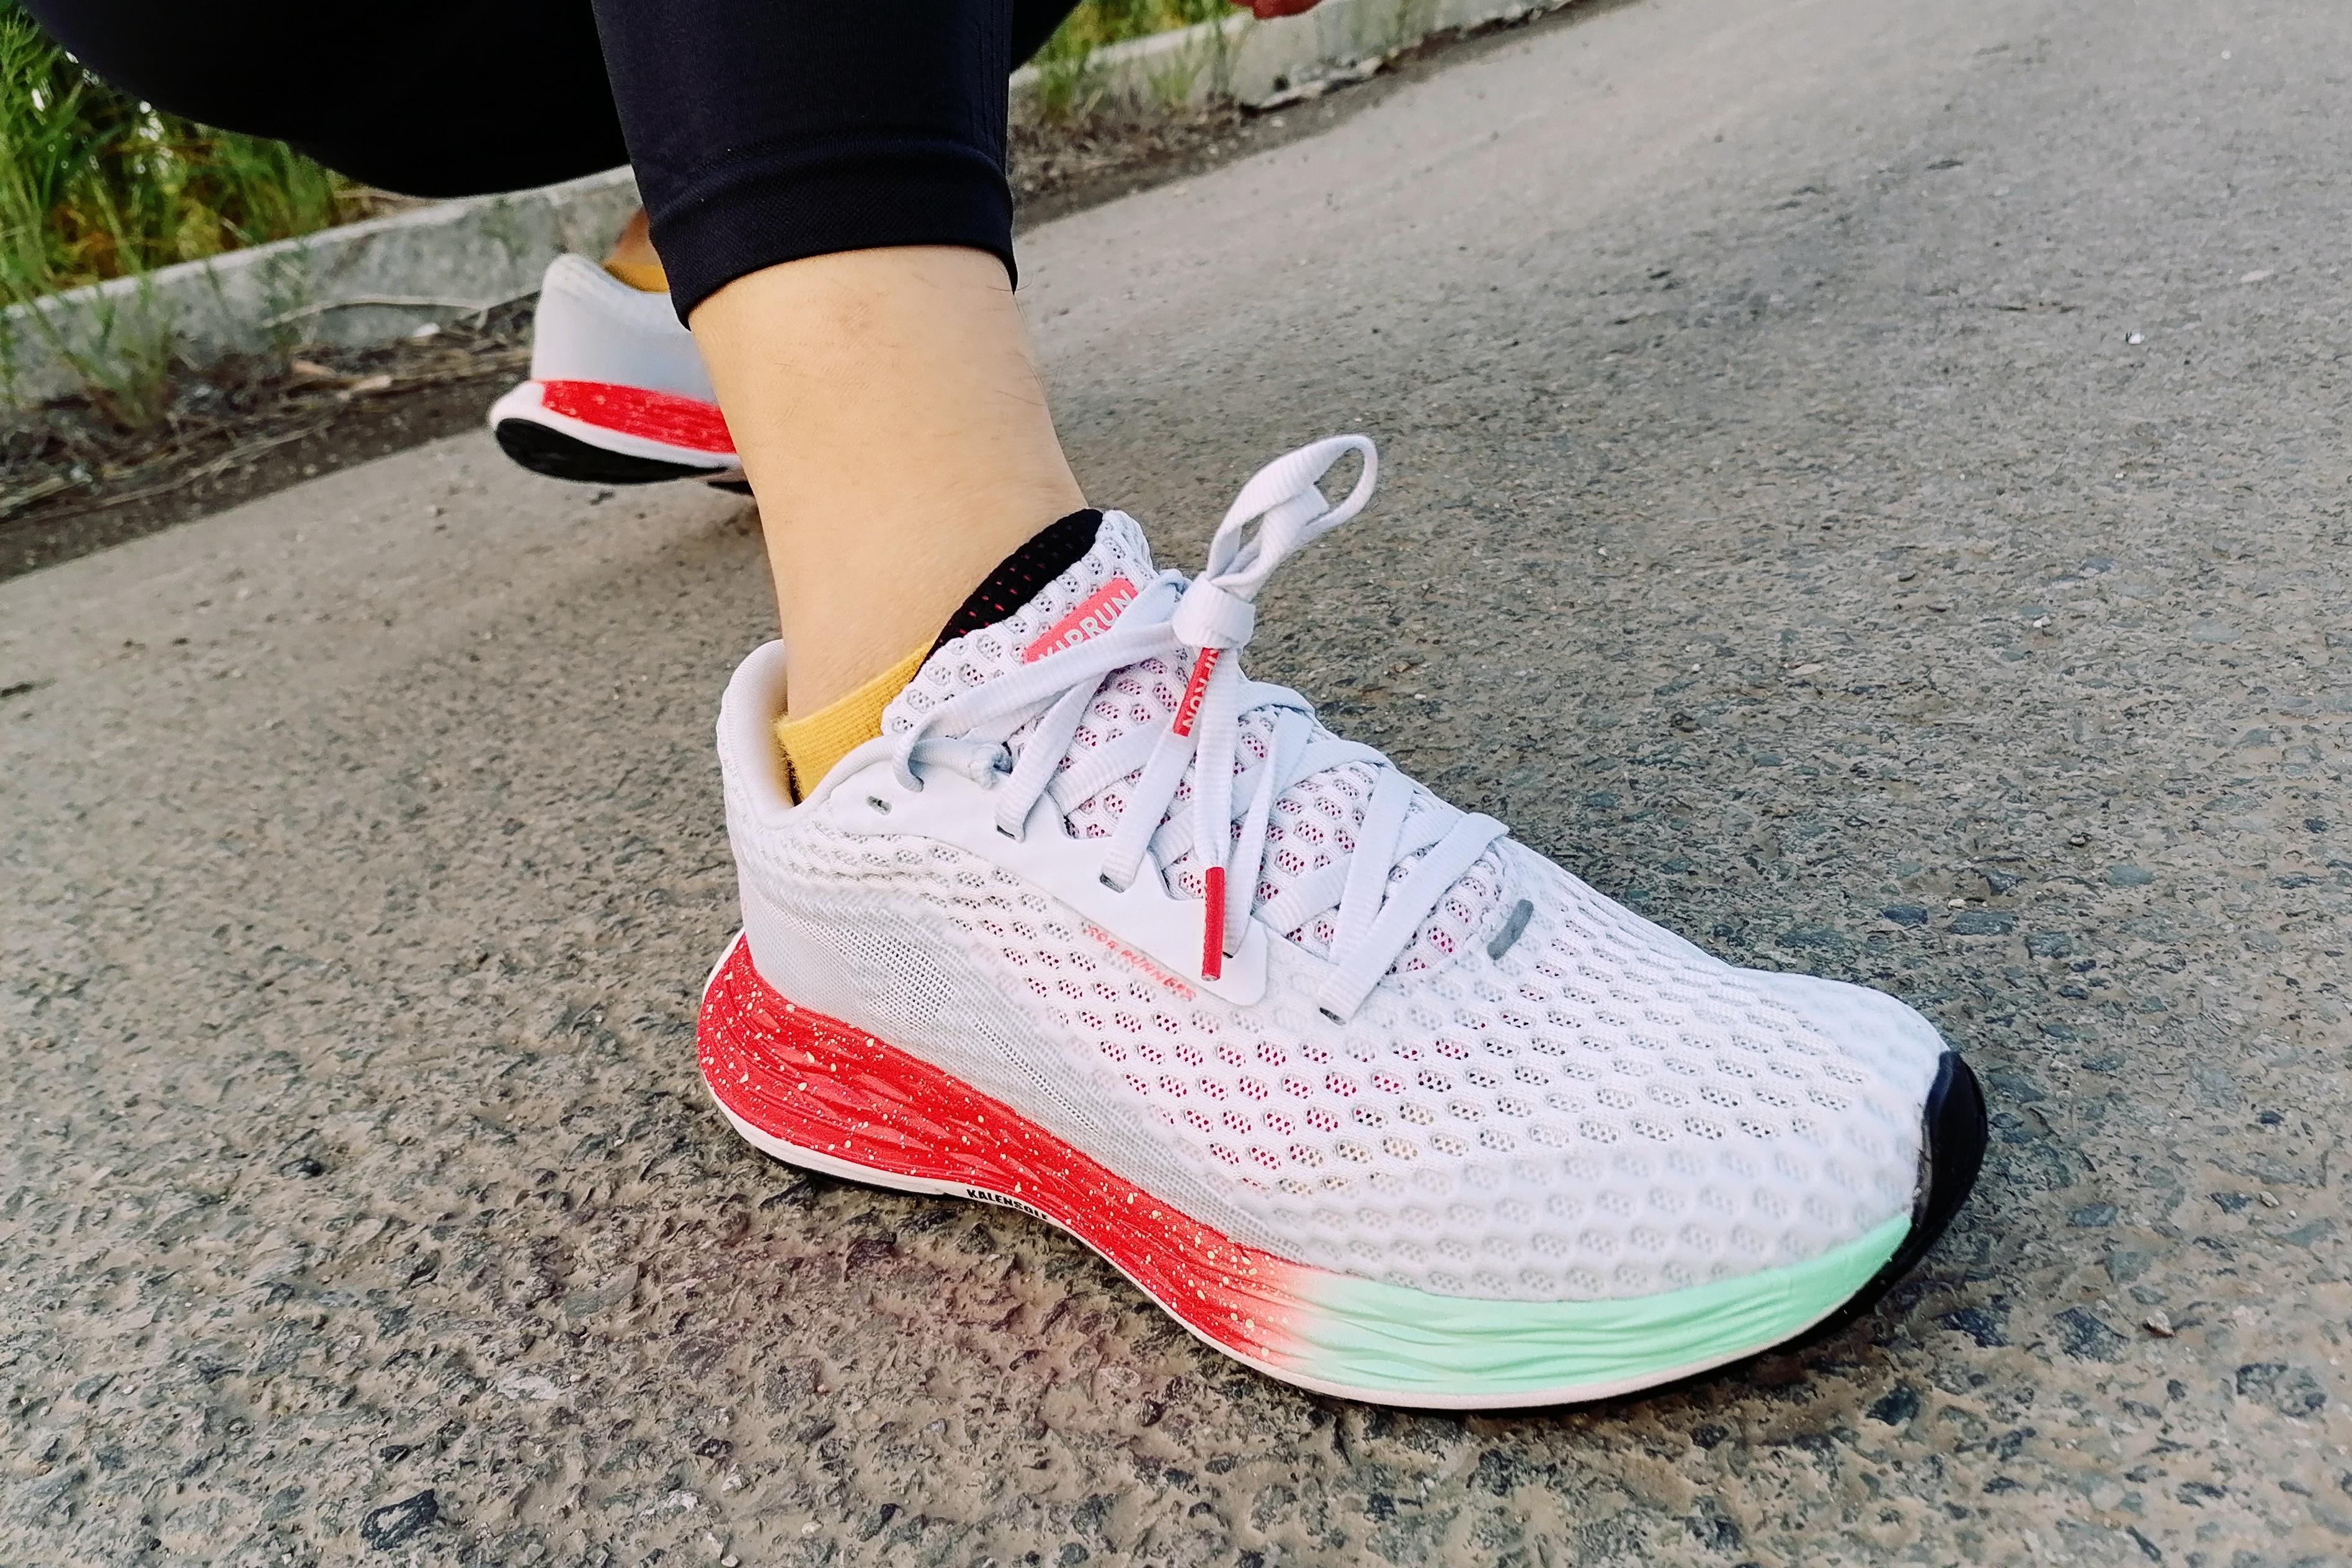 迪卡侬KD PLUS跑鞋:高颜值+高性价